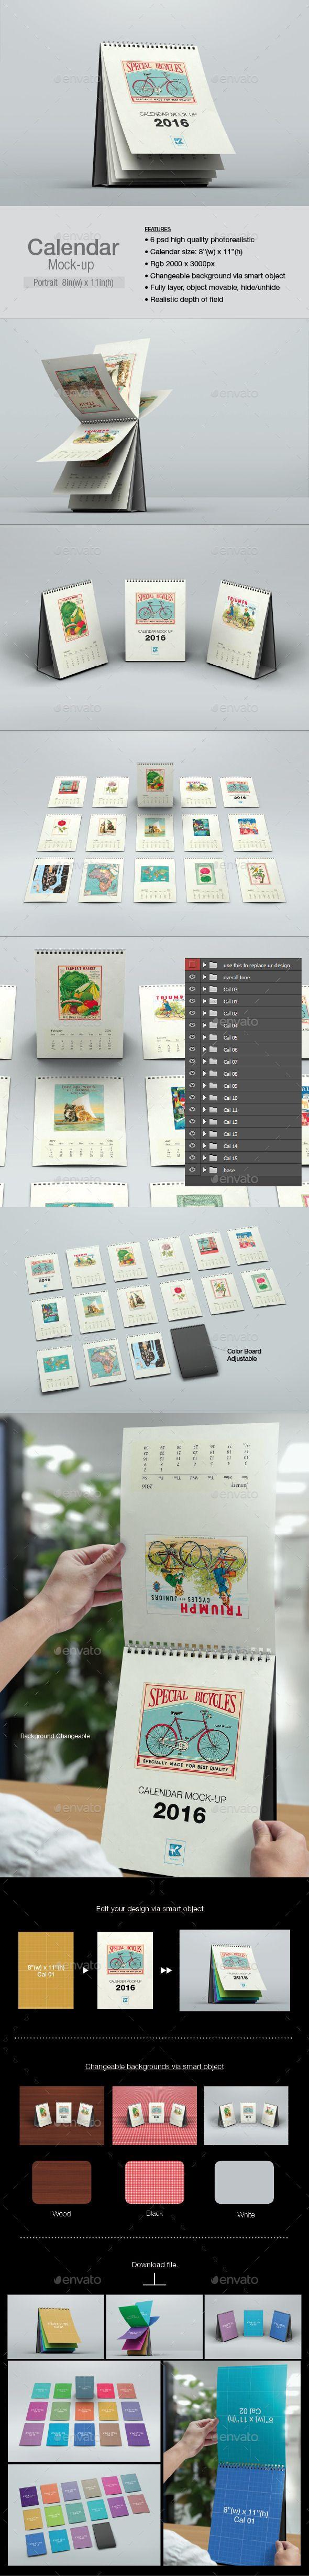 Calendar Mock-up Portrait #design Download: http://graphicriver.net/item/calendar-mockup-portrait/12840028?ref=ksioks